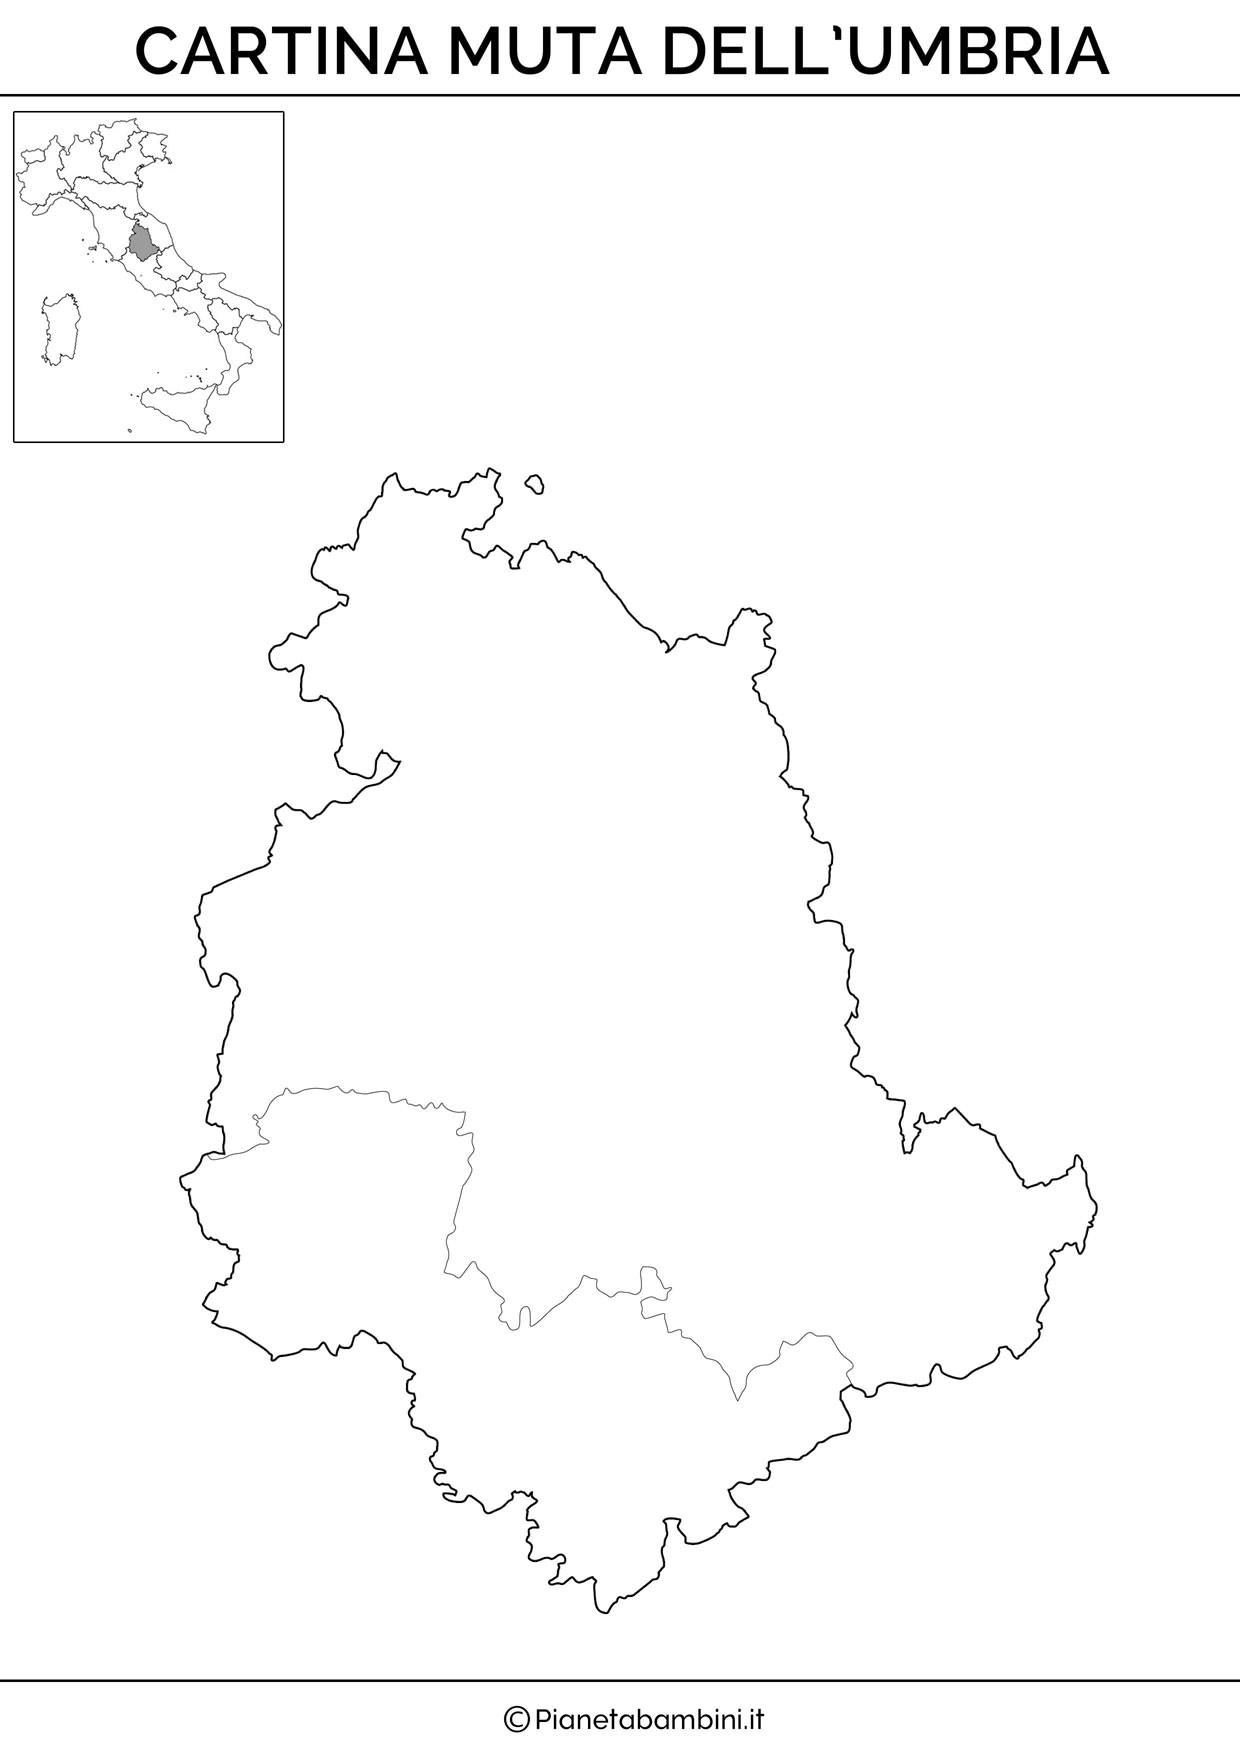 Cartina dell'Umbria in versione muta da stampare gratis